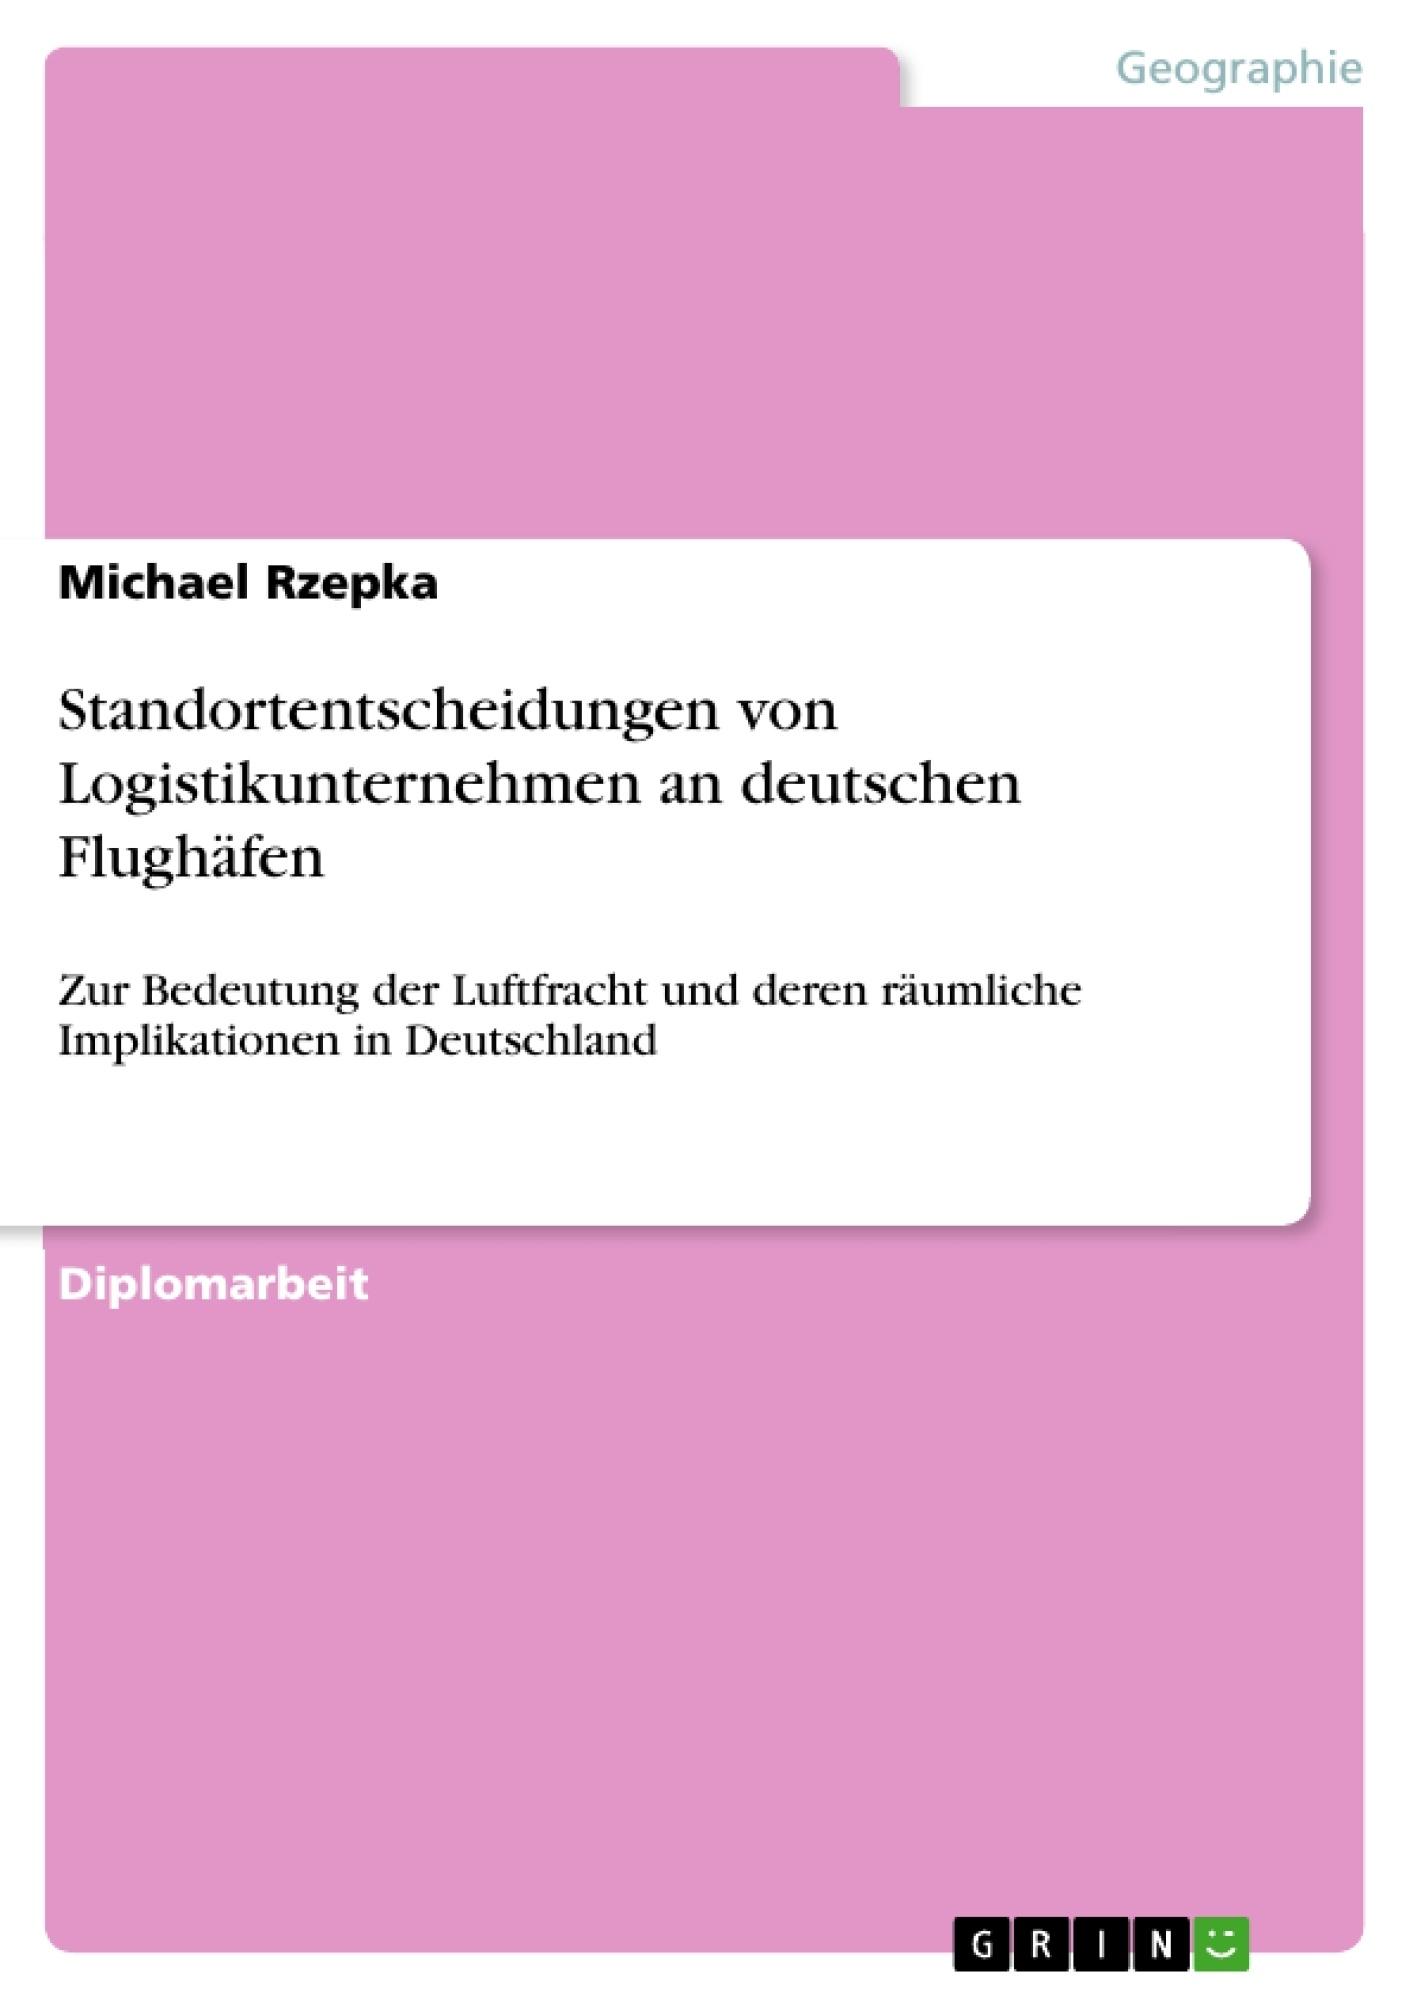 Titel: Standortentscheidungen von Logistikunternehmen an deutschen Flughäfen